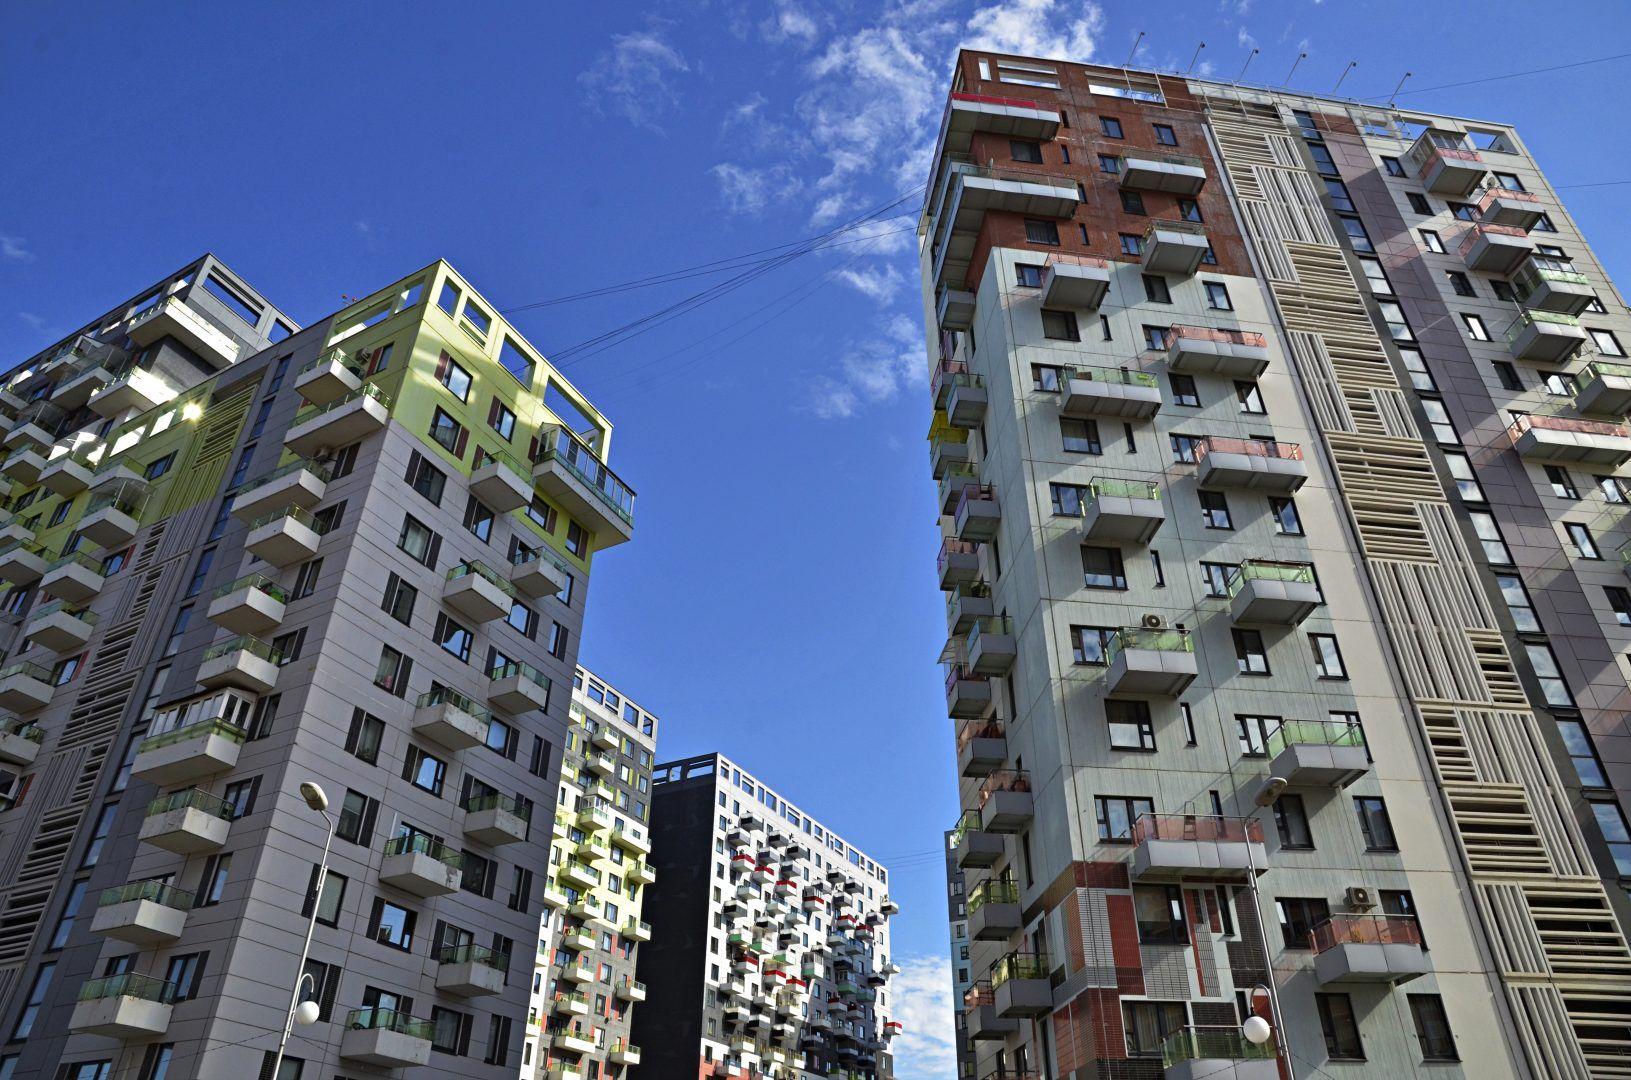 Балконы домов отремонтируют в поселении Десеновское. Фото: Анна Быкова